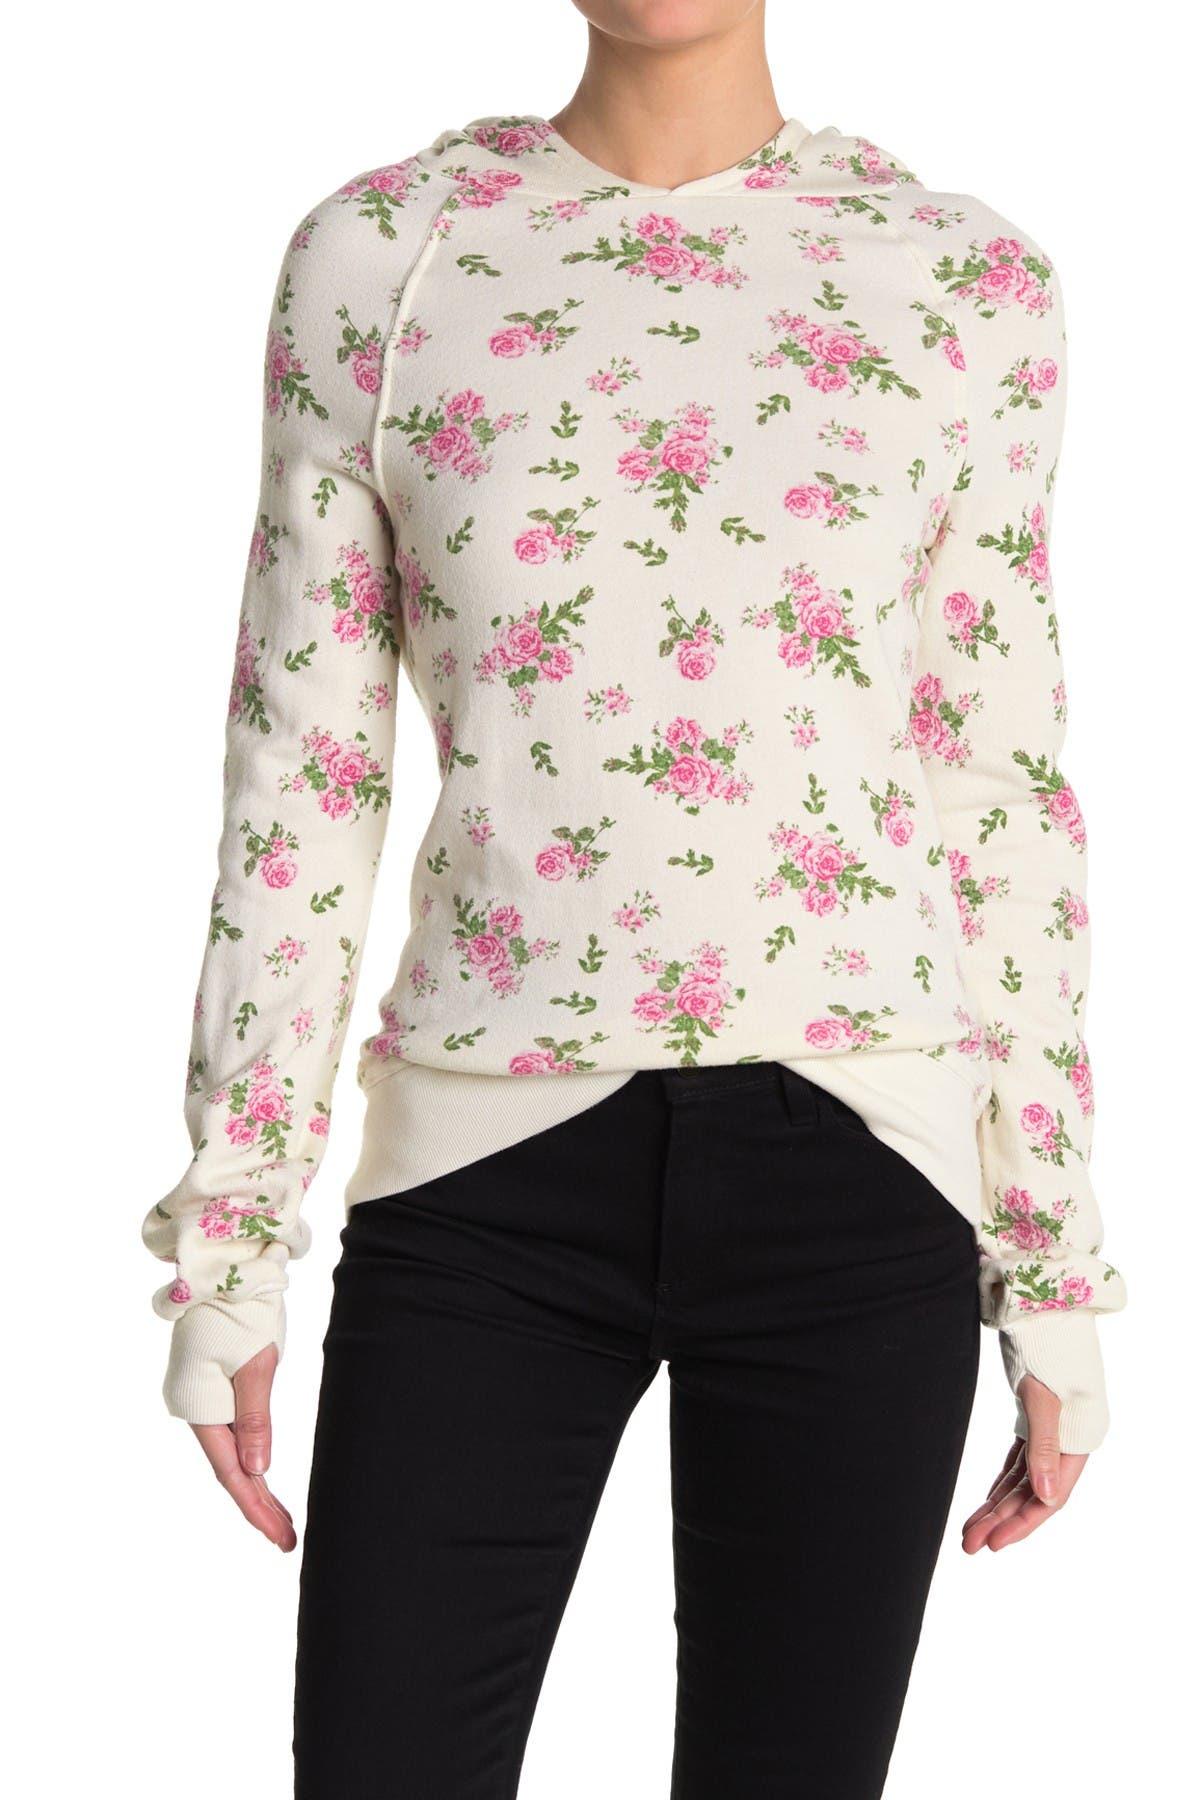 Image of PAM AND GELA Floral Raglan Pullover Hoodie